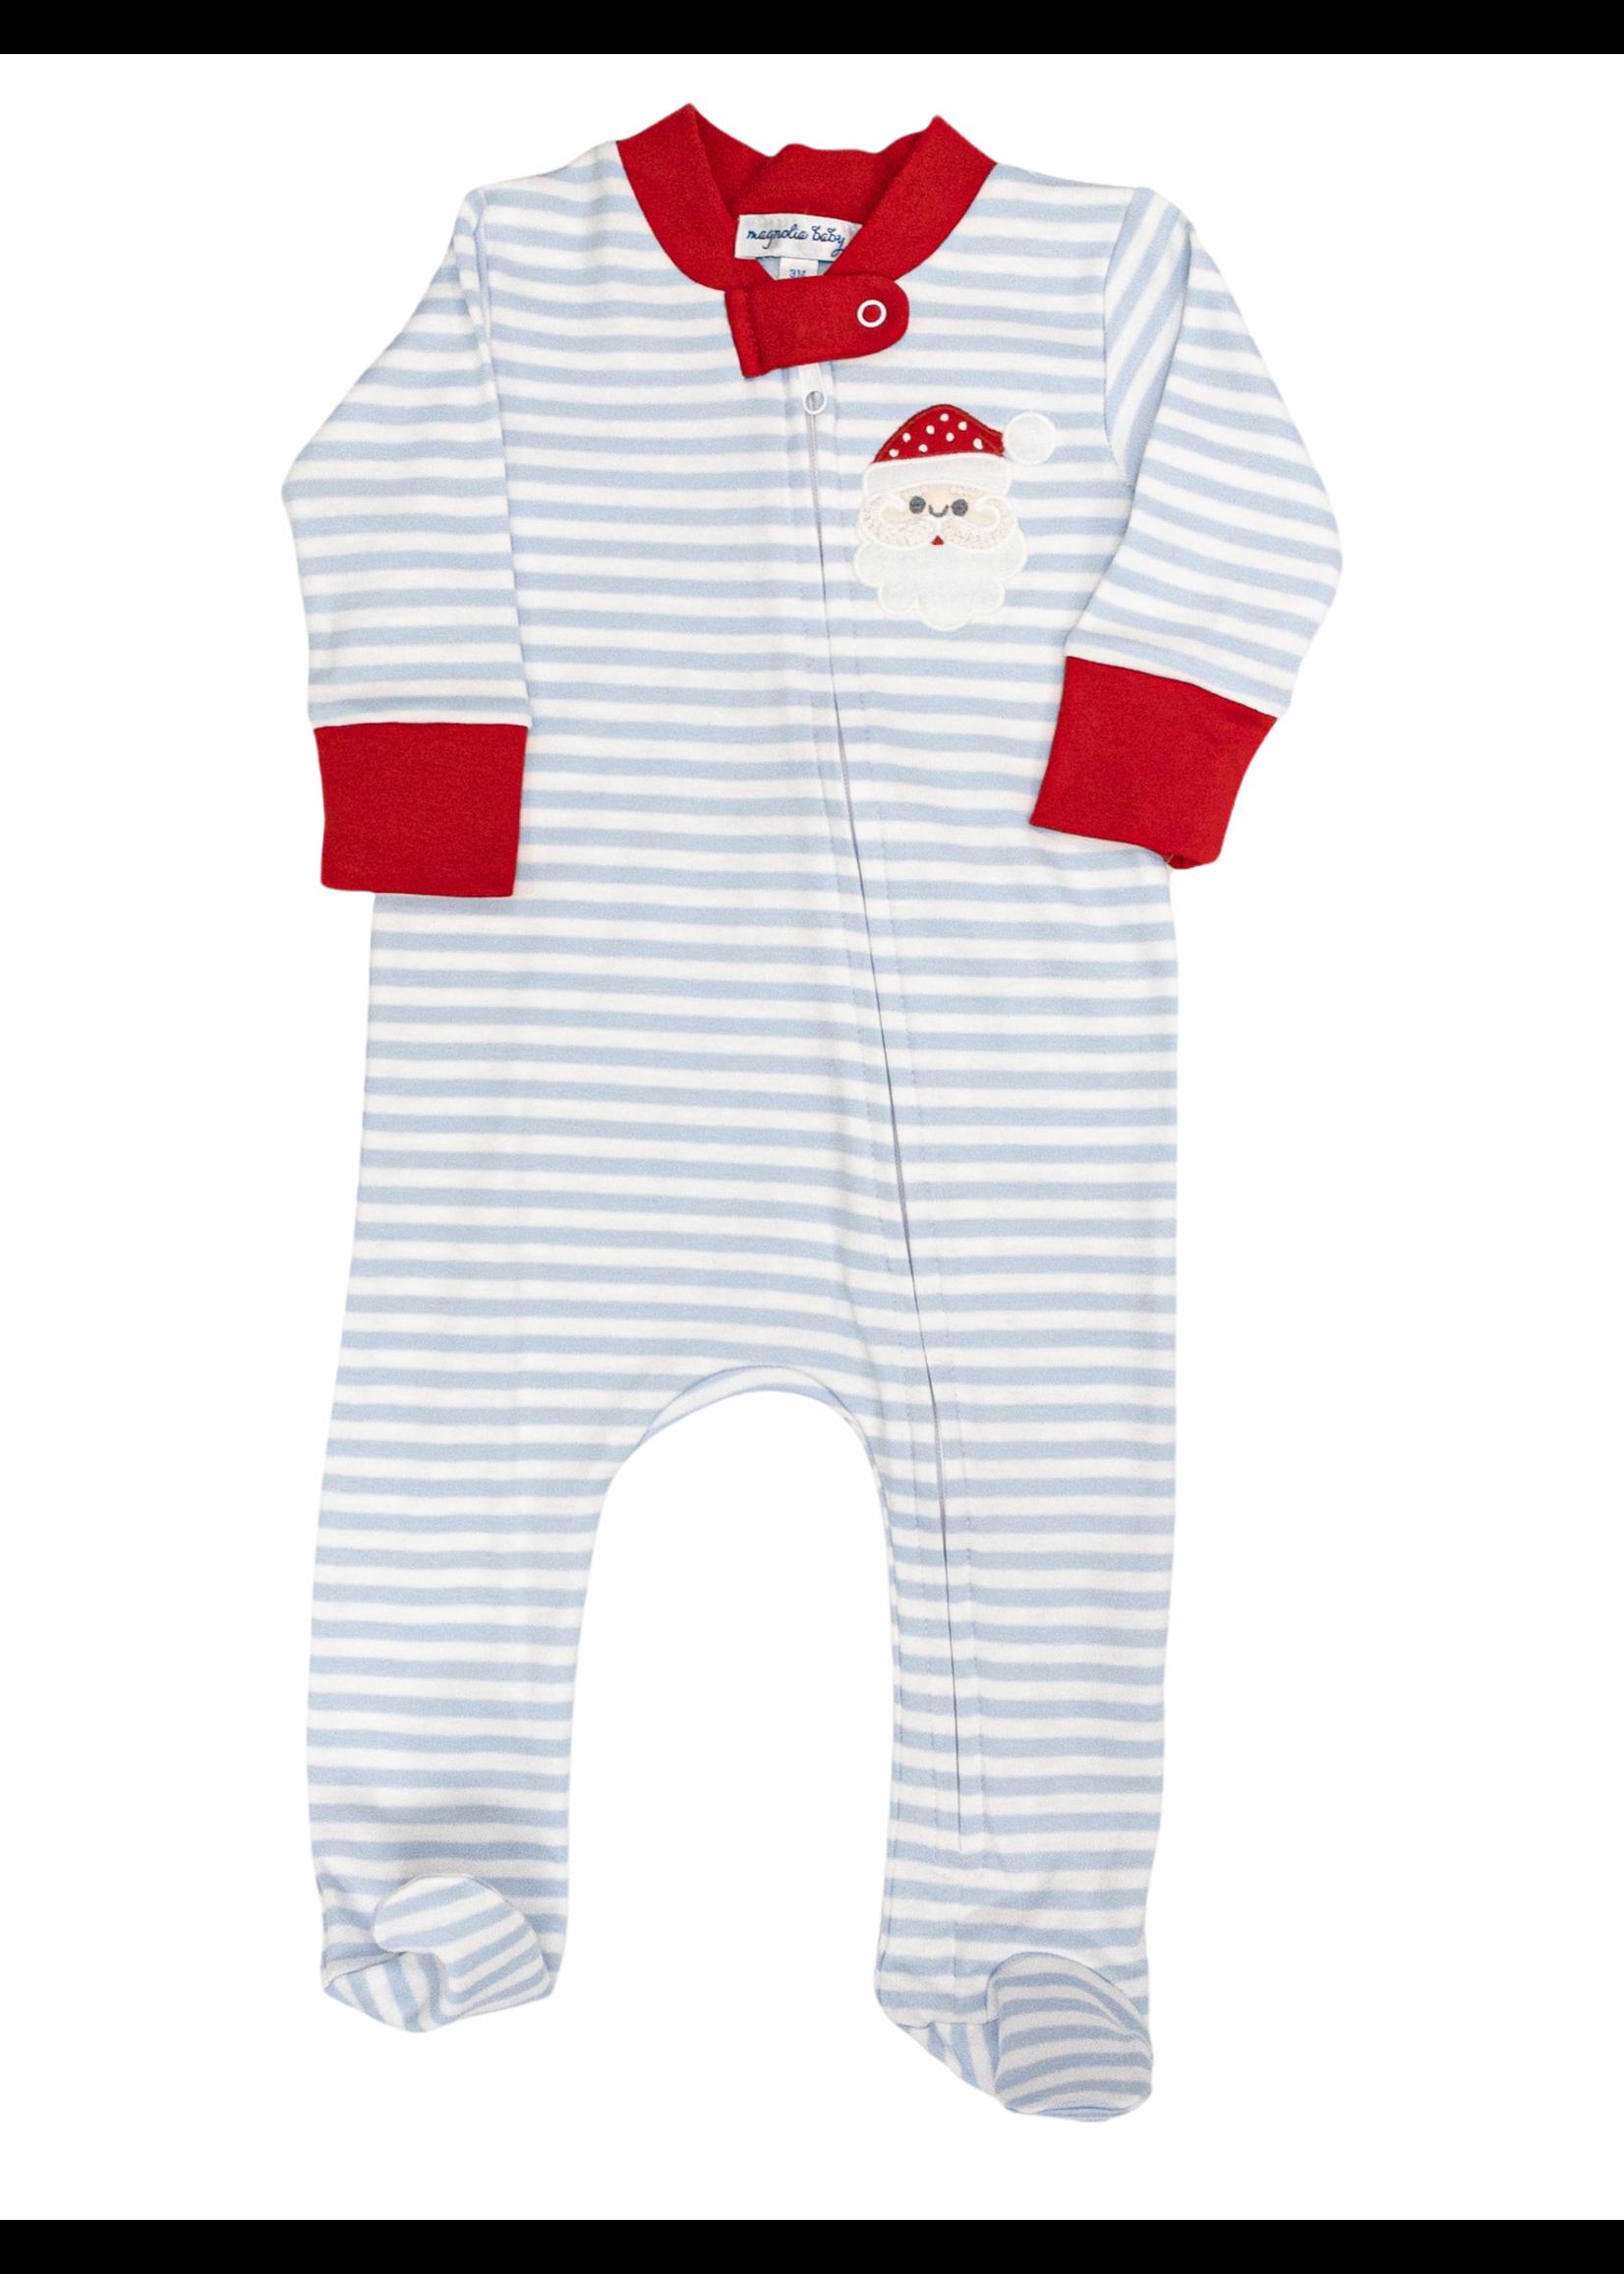 Magnolia Baby Santa Clause  Zipped Pajama